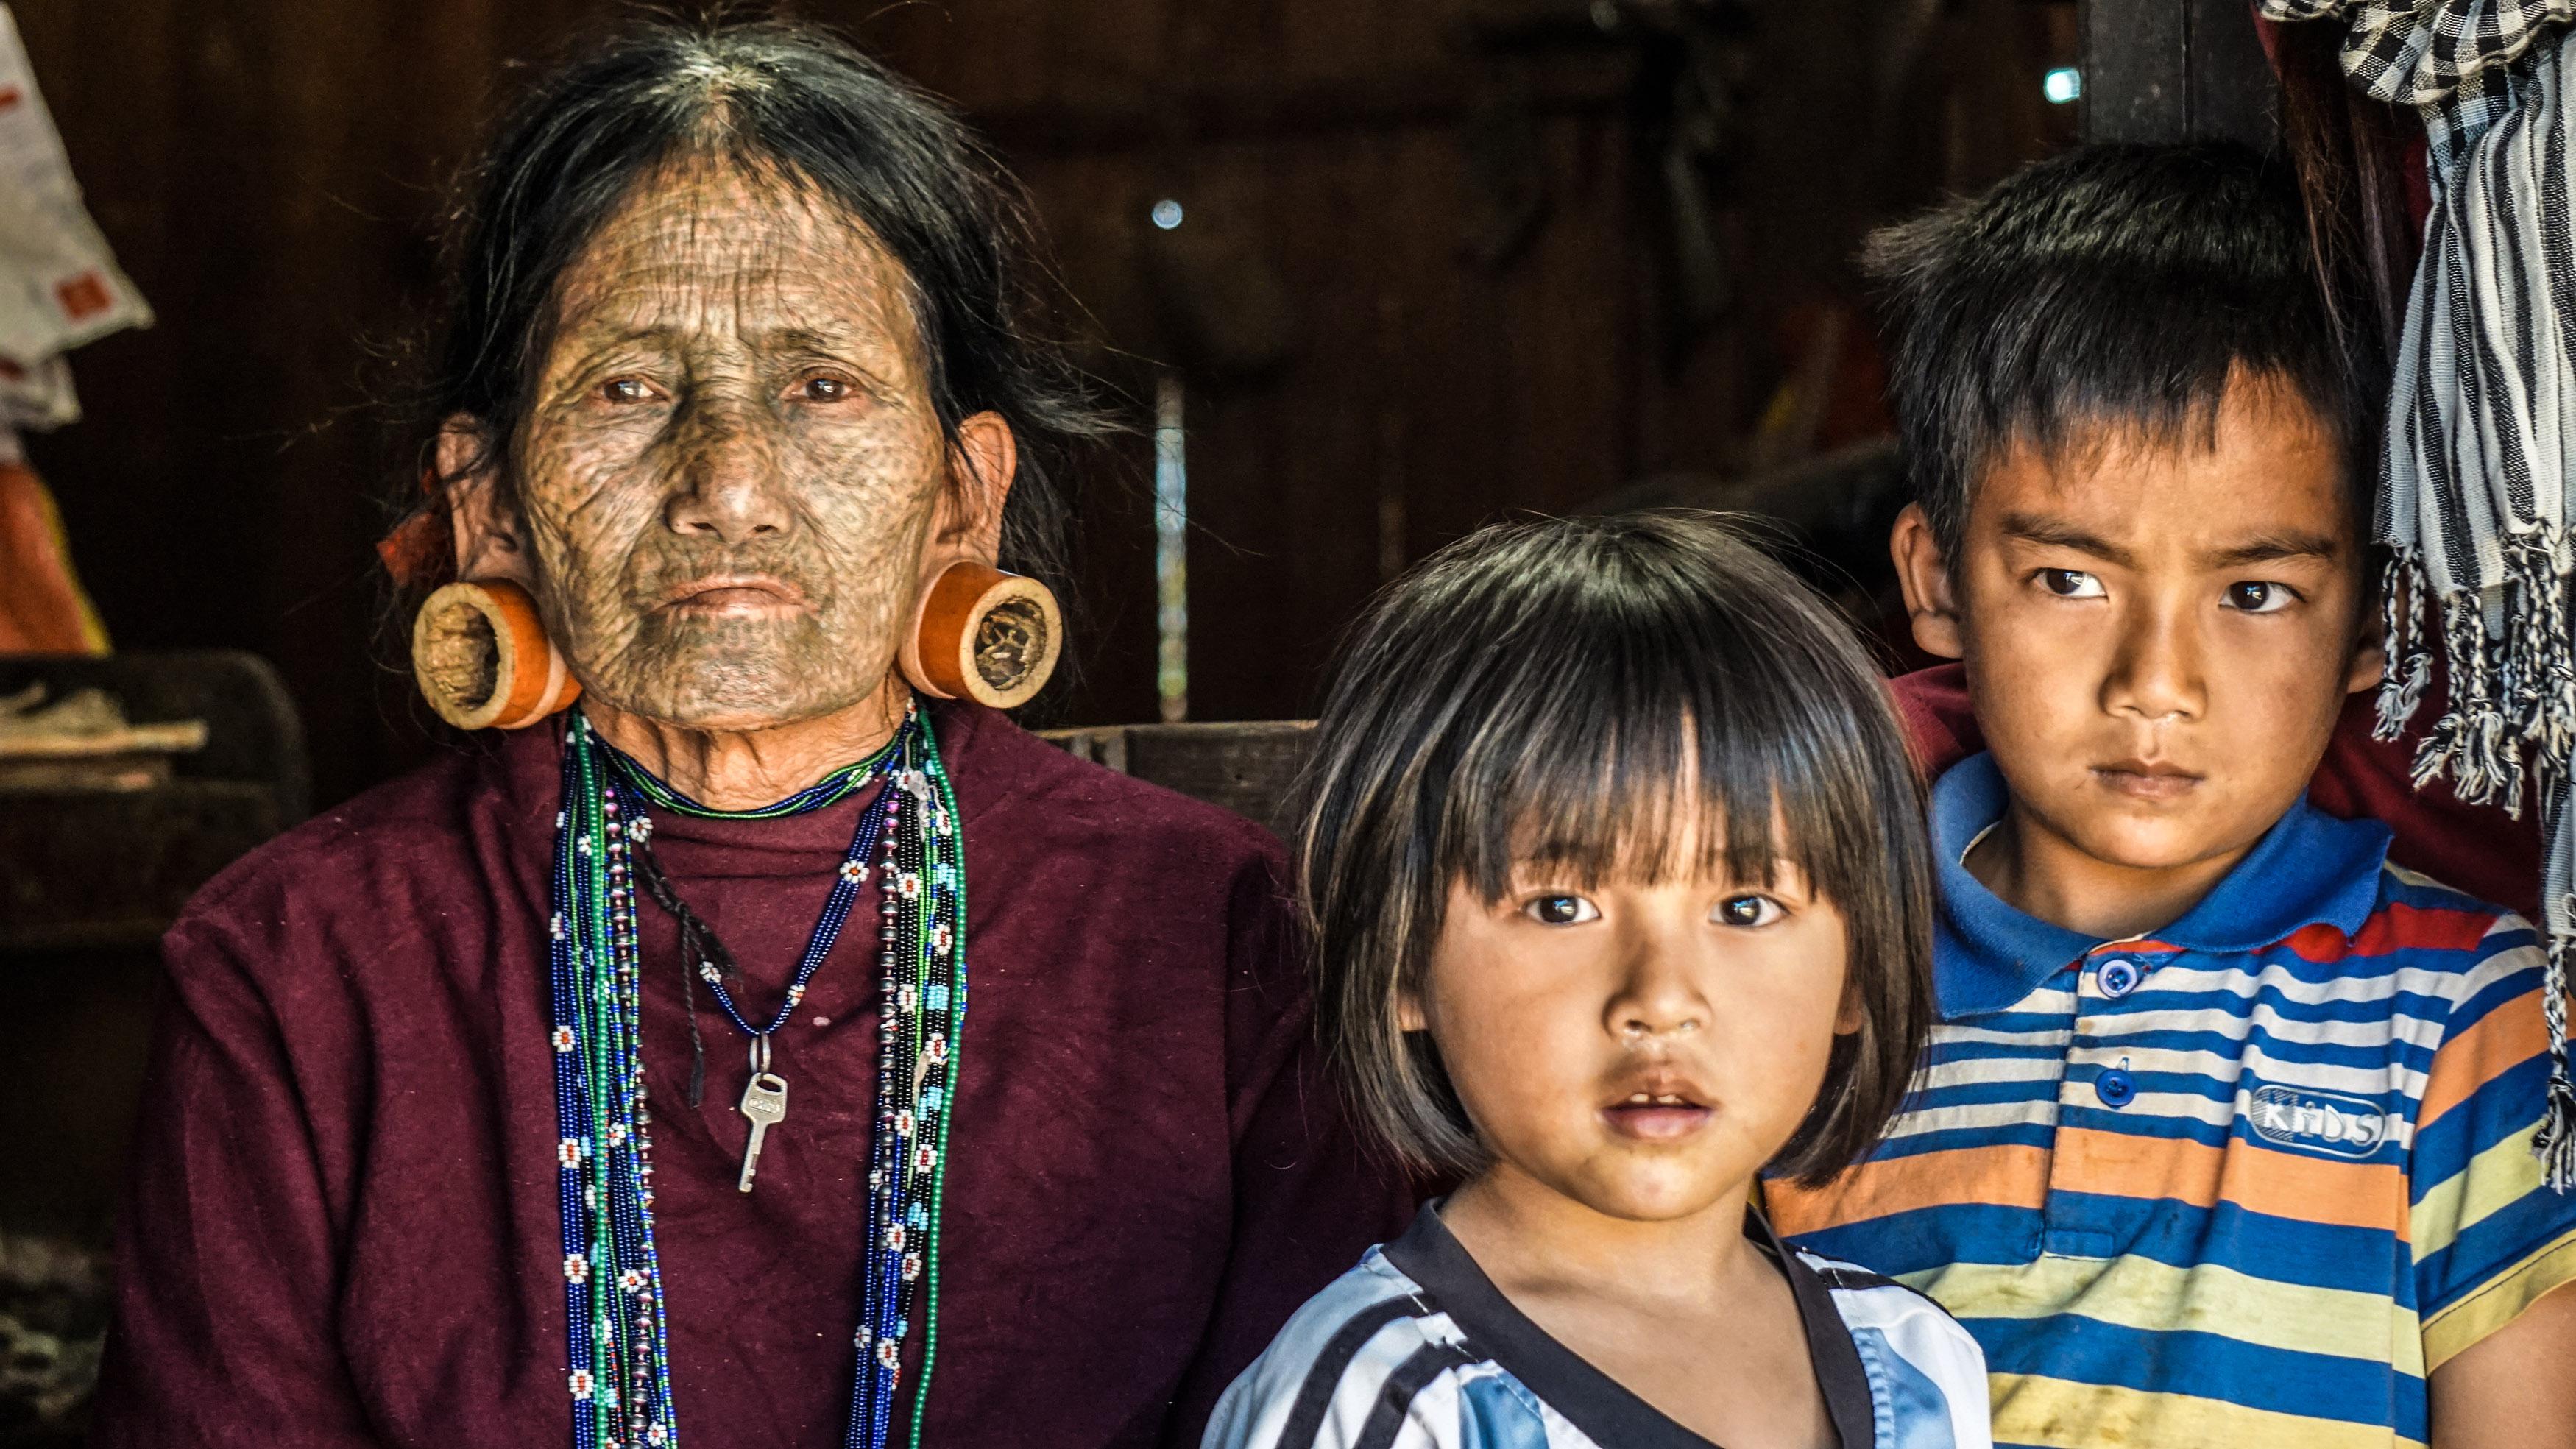 """Bà Aung Seim (73 tuổi, người Uppriu) bên những đứa cháu của mình. Bà kể: """"Khi những đứa cháu của tôi còn nhỏ, chúng thường oà khóc và không chịu cho tôi bồng bế khi trông thấy gương mặt của tôi. Nhưng giờ thì chúng đã quen rồi và rất quấn quýt với tôi""""."""